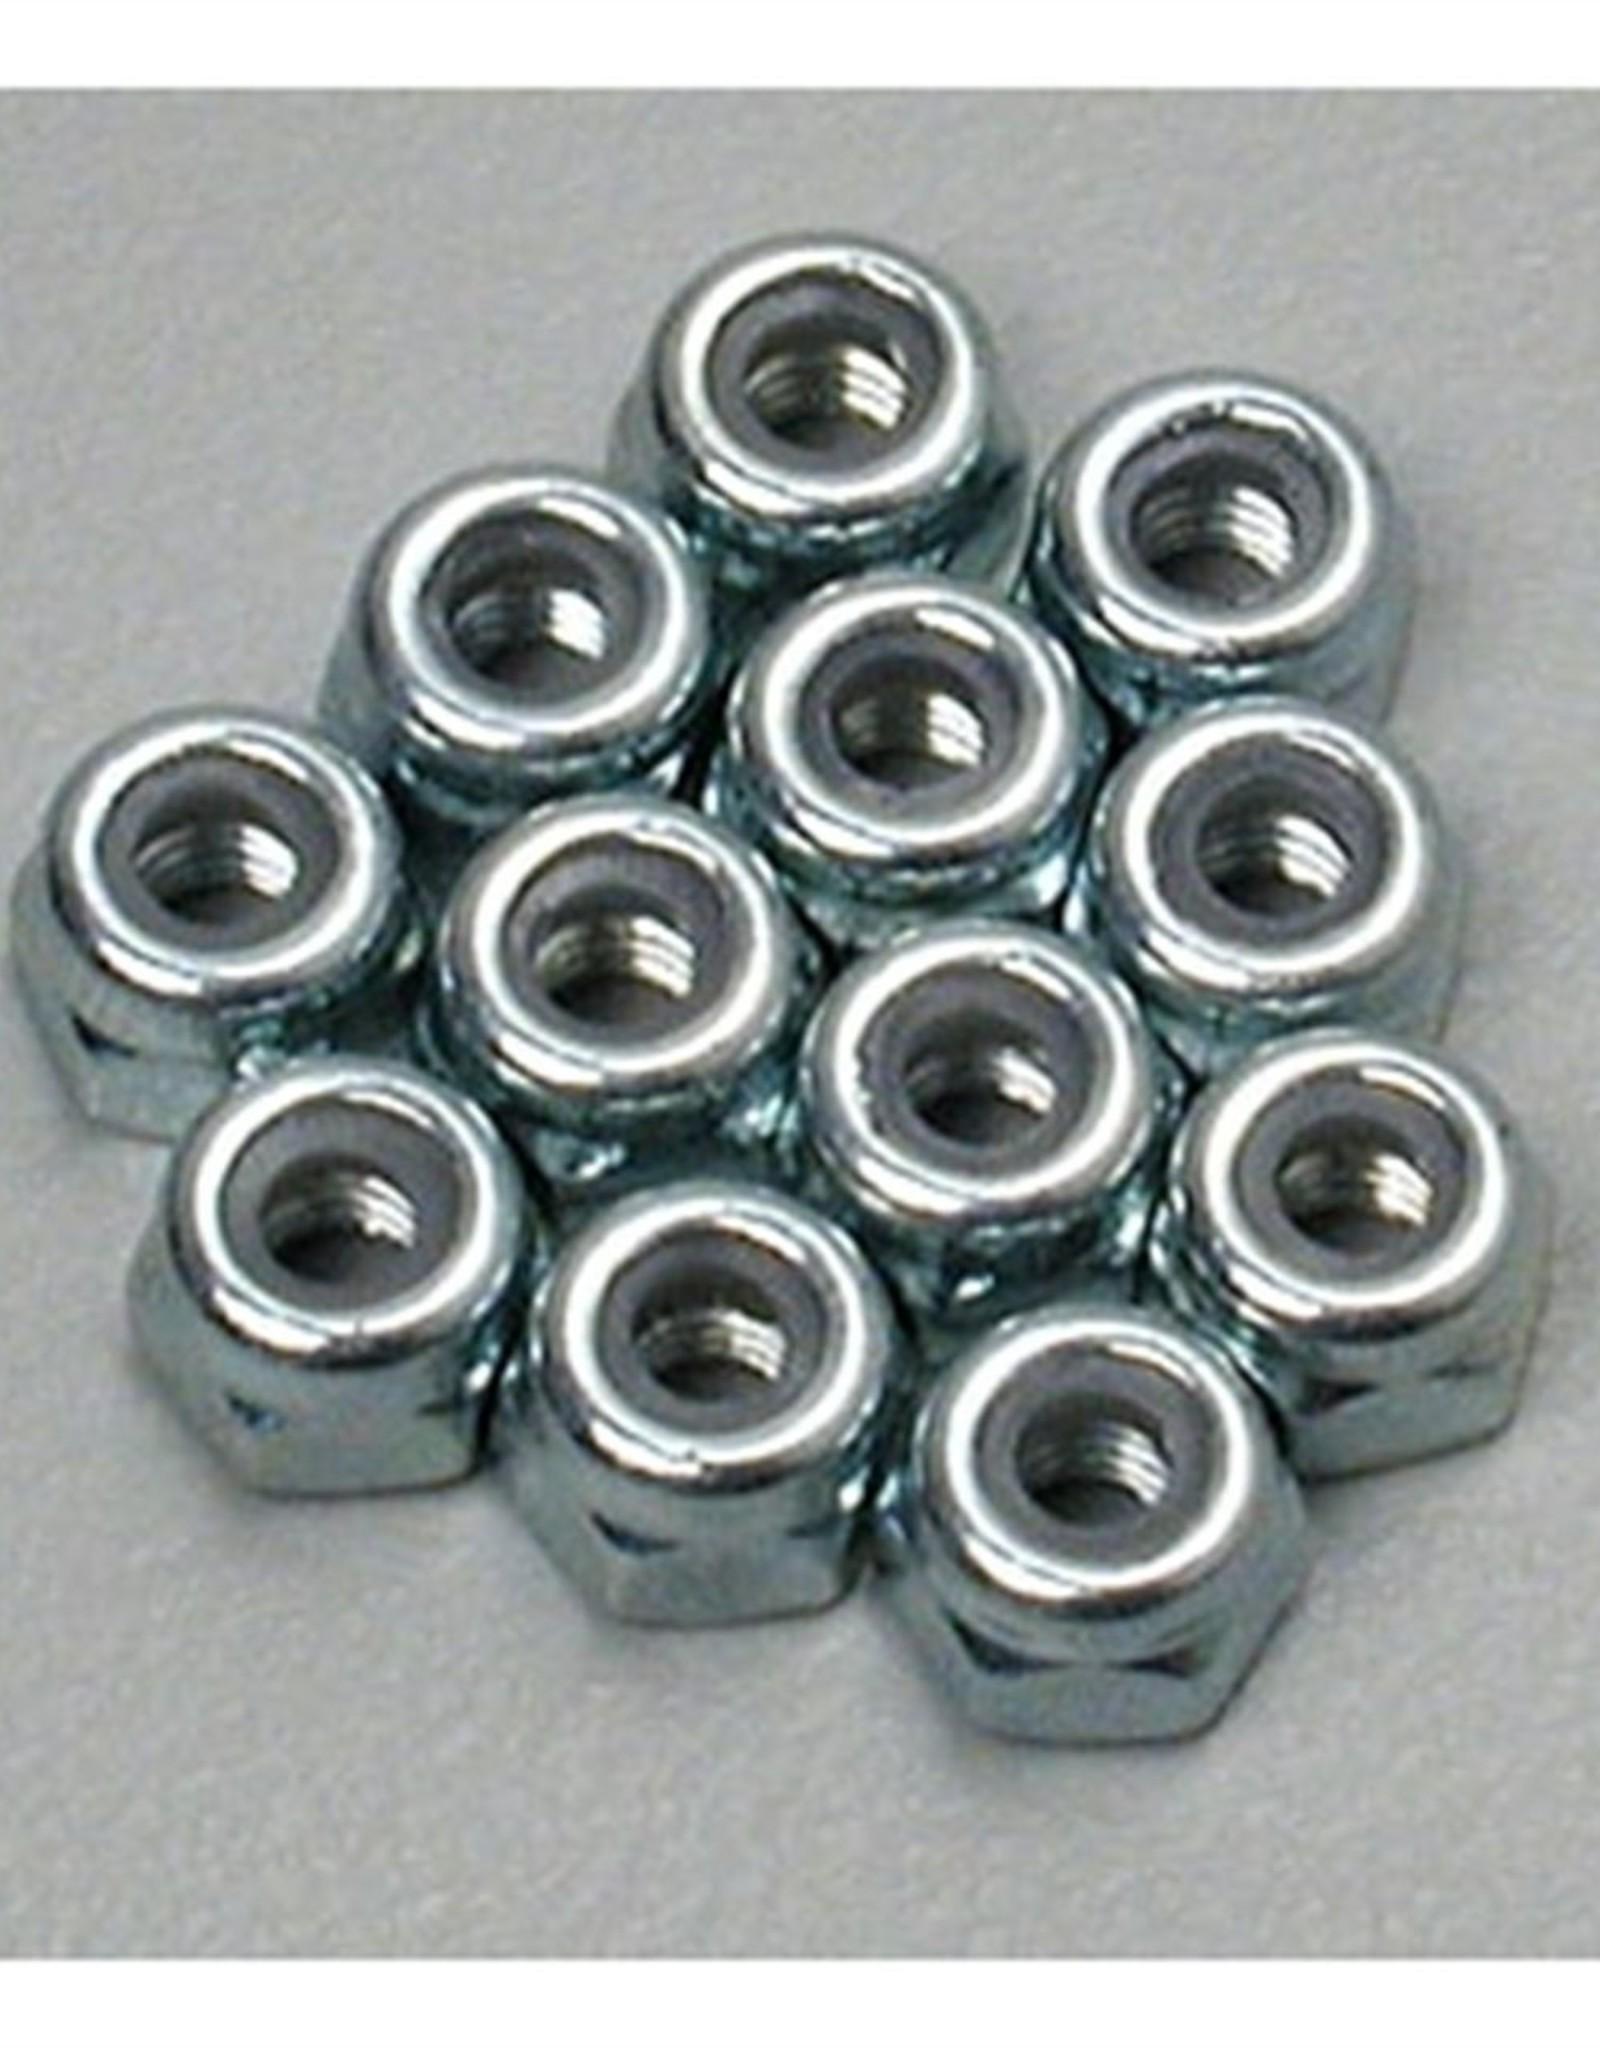 Traxxas Traxxas Nylon Locking Nuts 3mm (12) TRA2745